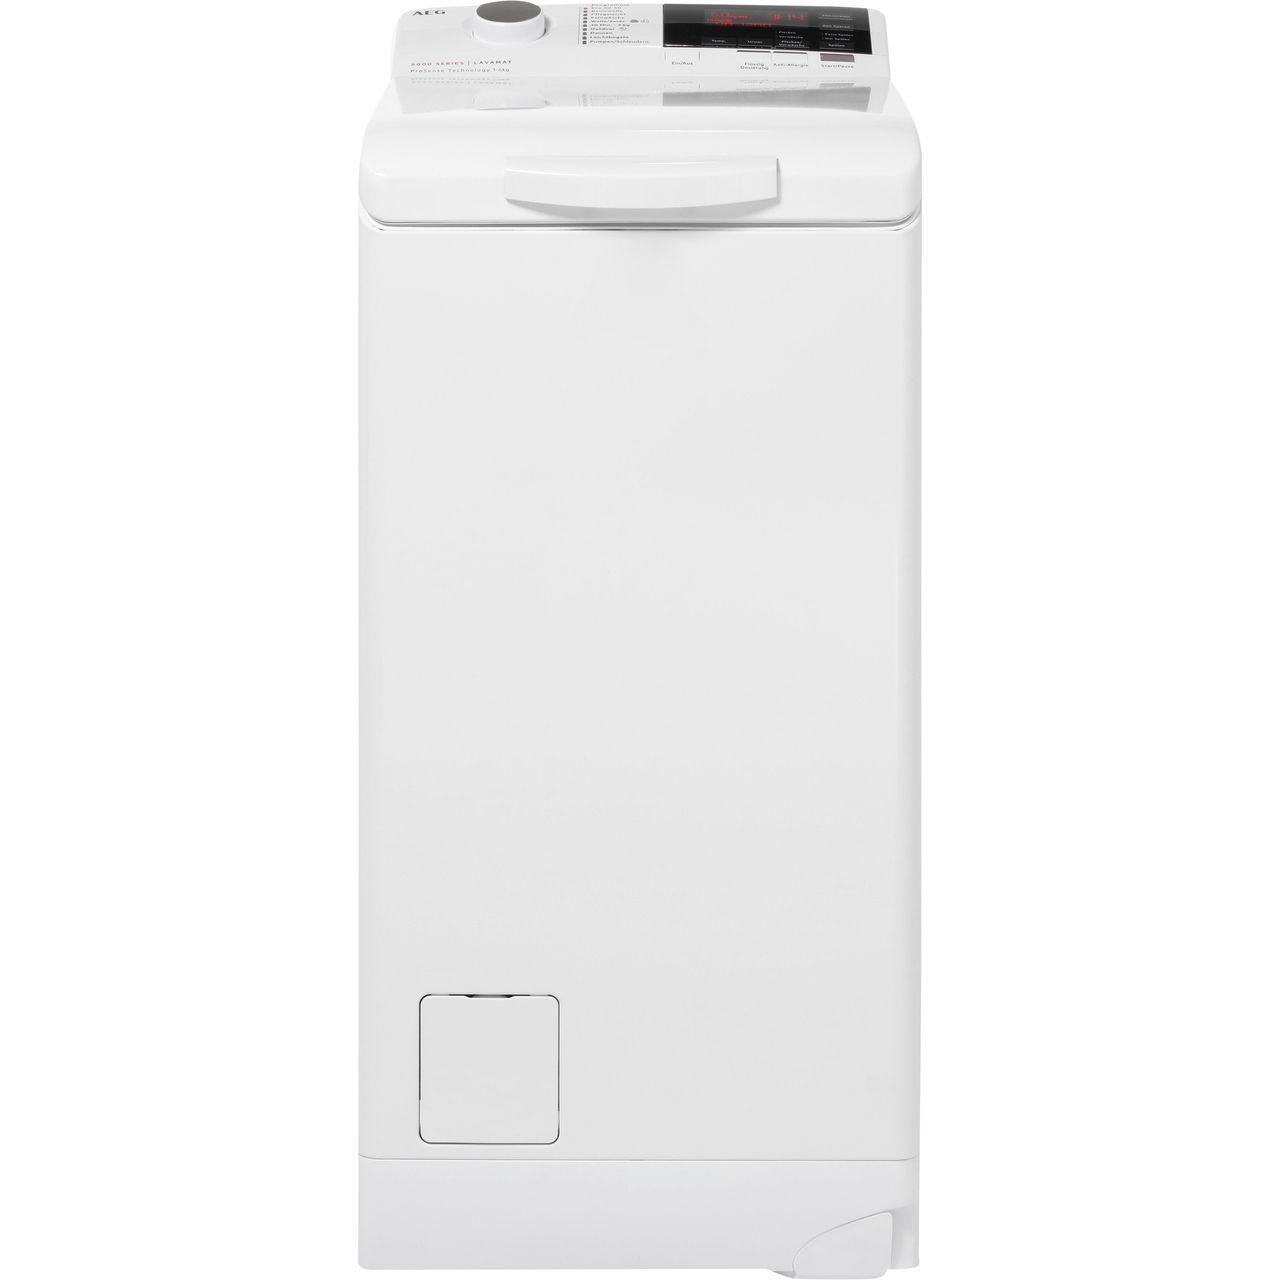 Artikel klicken und genauer betrachten! - AEG L6TBA664 Waschmaschinen - Weiß Freistehend, (H)89,0 x (B)40,0 x (T)60,0 Kostenlos im Lieferpreis enthalten ist der 2 Mann Service zum Wunschort. Lieferung Mo-Sa! Liefertermin auswählbar! Artikel ist in der Farbe Weiß. Abmessung beträgt (H)89,0 x (B)40,0 x (T)60,0.   im Online Shop kaufen